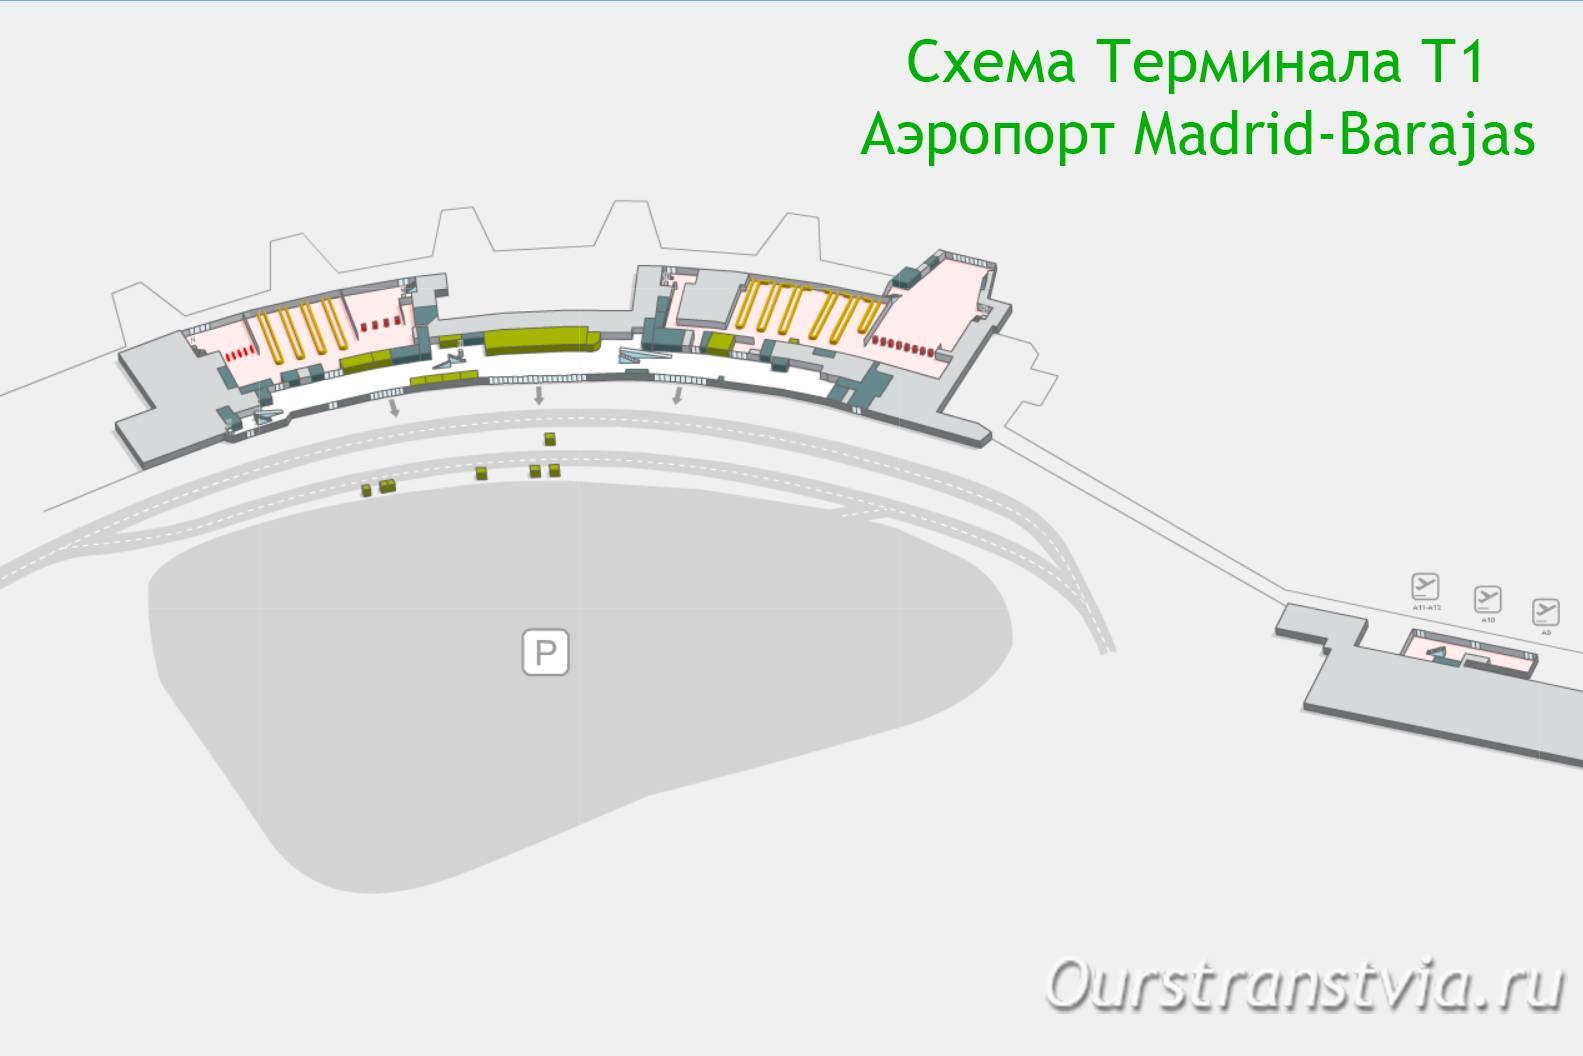 Аэропорт пардубице (чехия, пардубице)